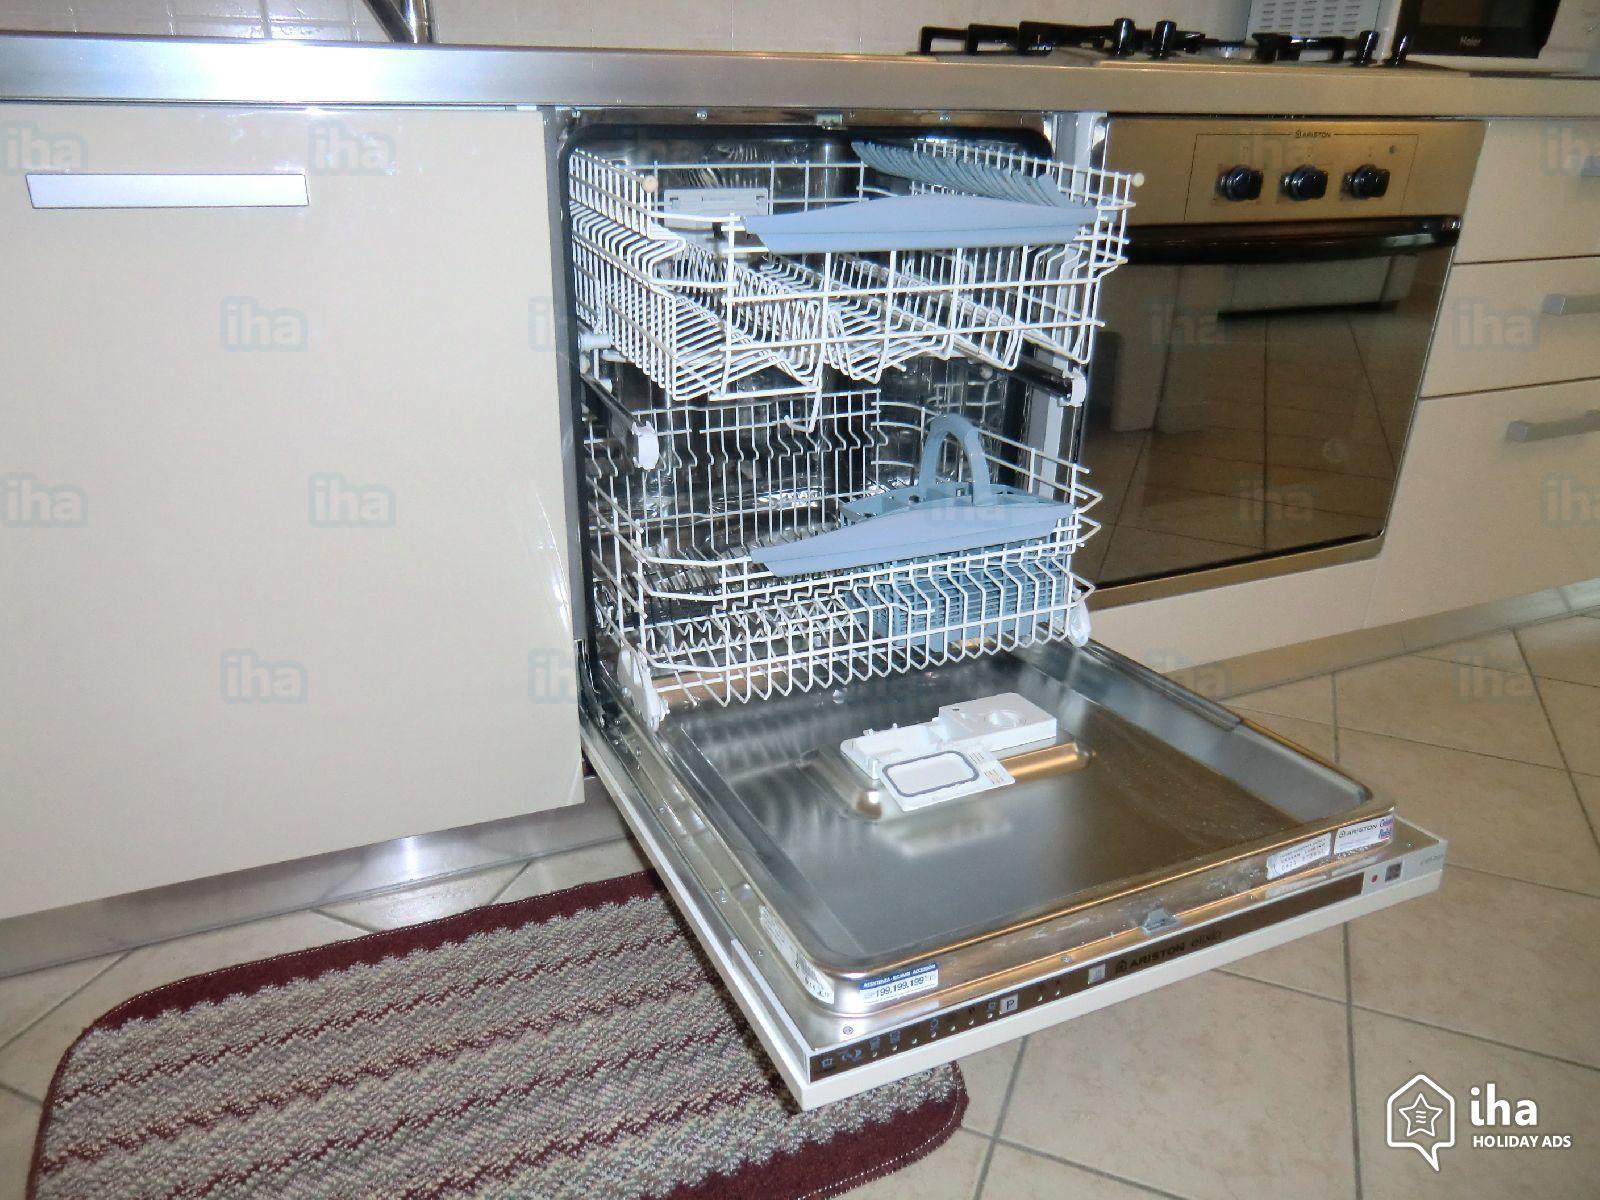 conseils pour bien choisir un lave vaisselle. Black Bedroom Furniture Sets. Home Design Ideas